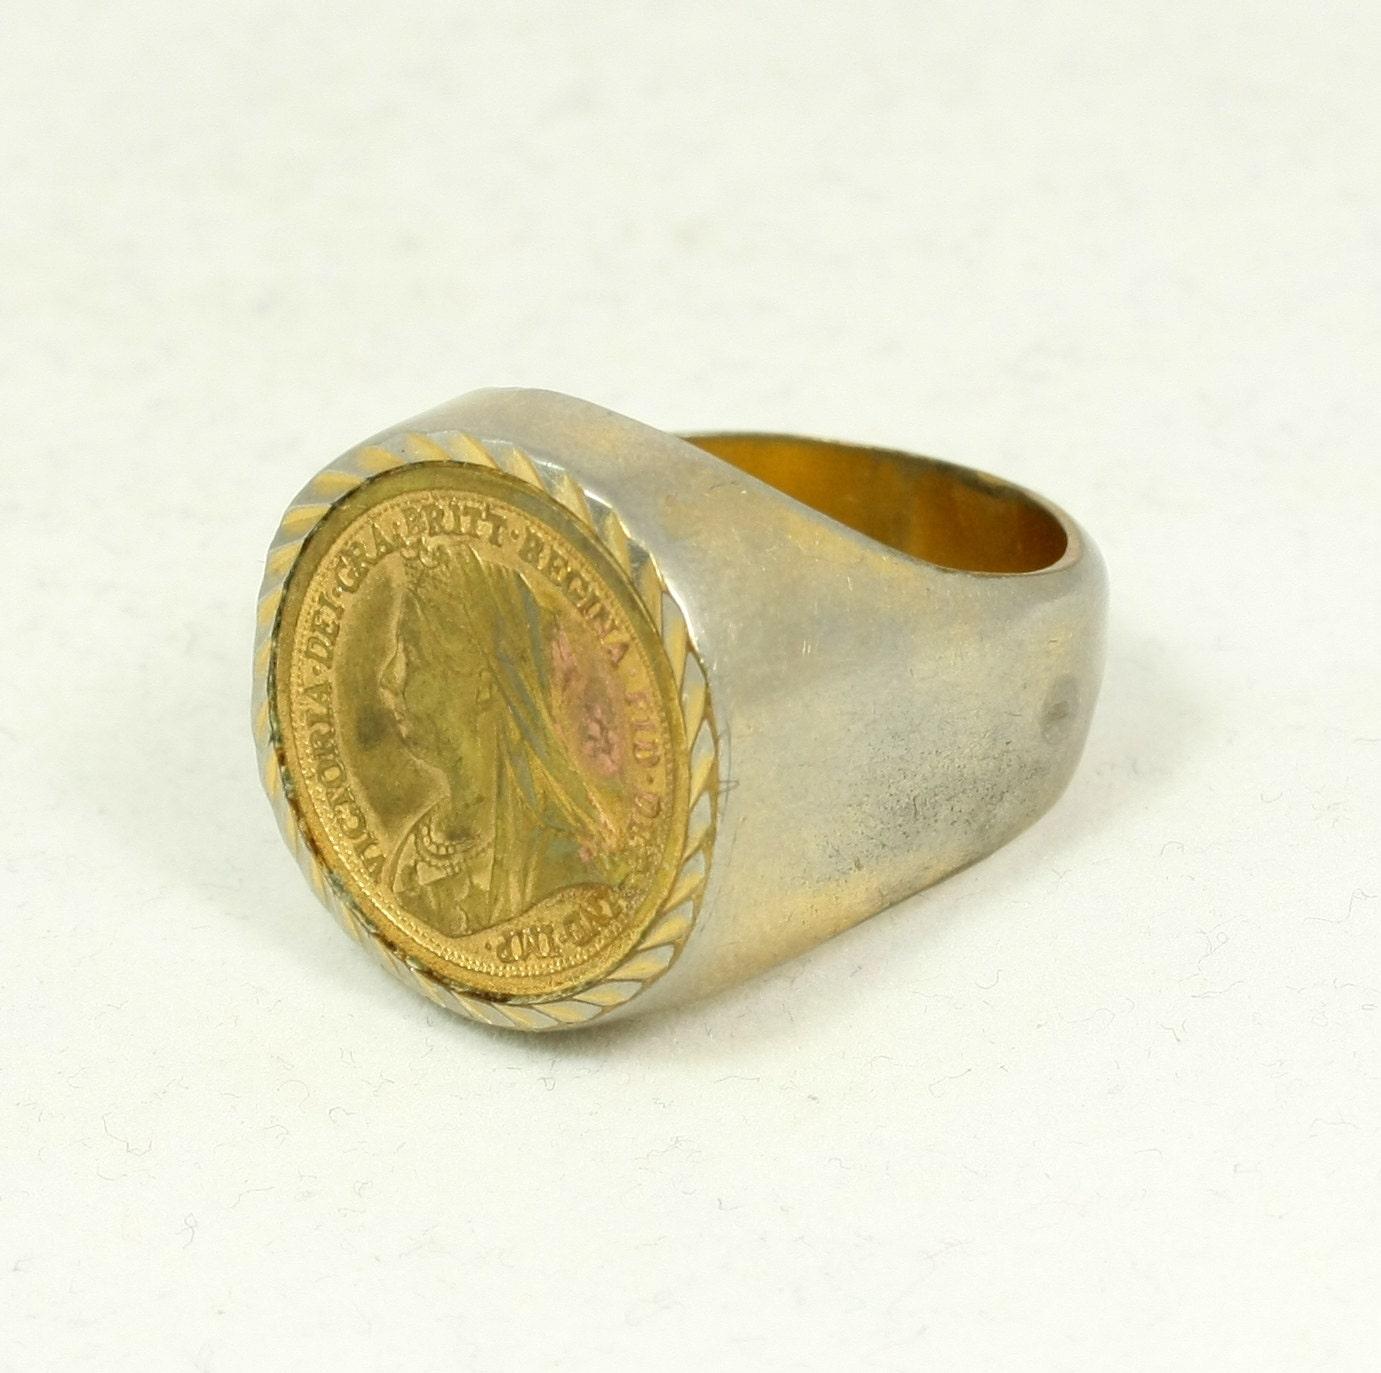 Vintage Queen Victoria Half Sovereign Replica Coin Ring Size